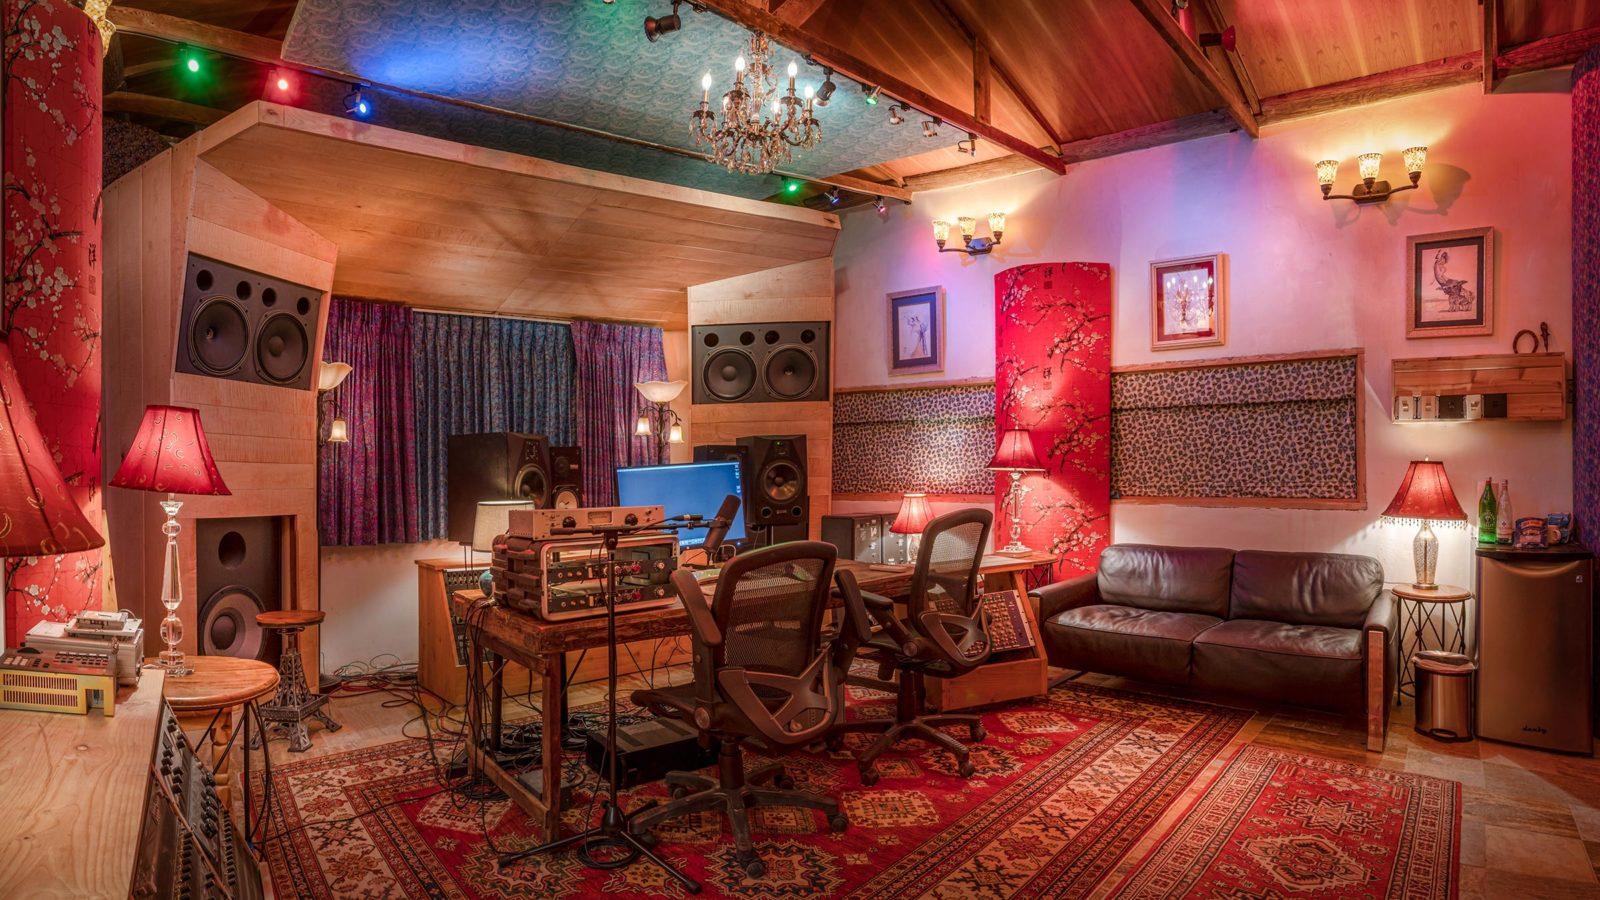 Studio Adobe Bungalow from left